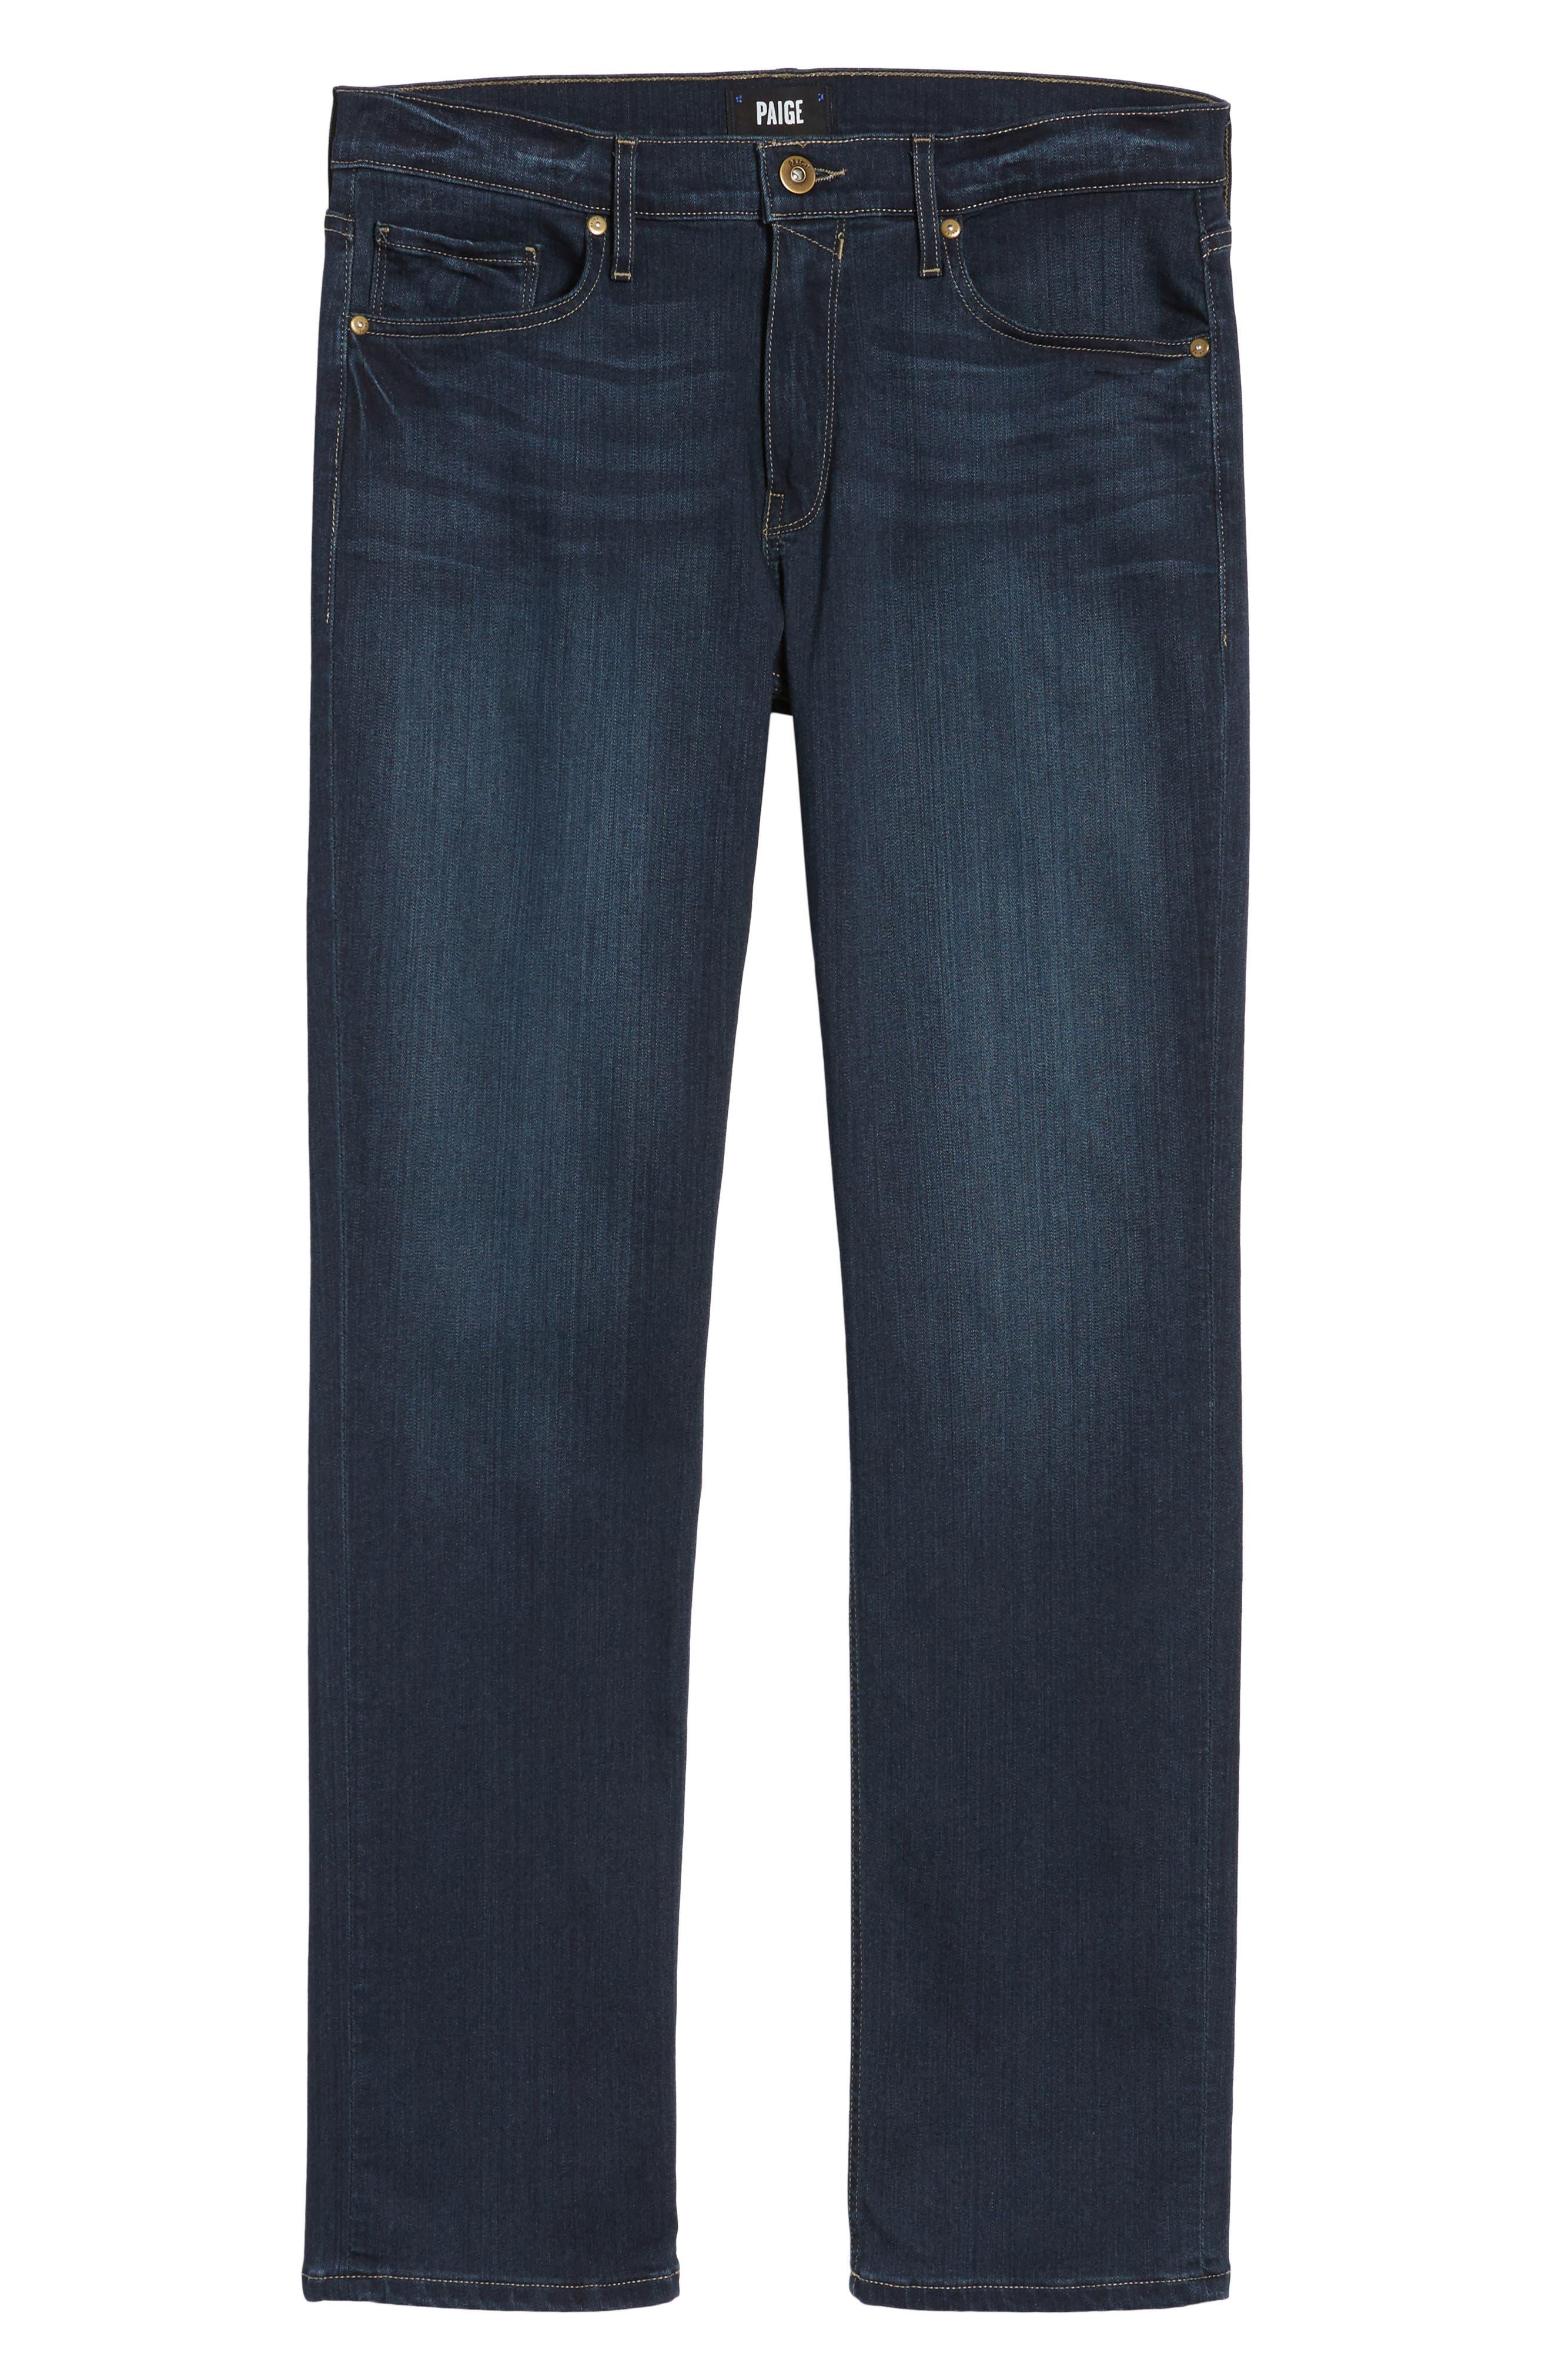 Transcend - Normandie Straight Fit Jeans,                             Alternate thumbnail 6, color,                             Barrington